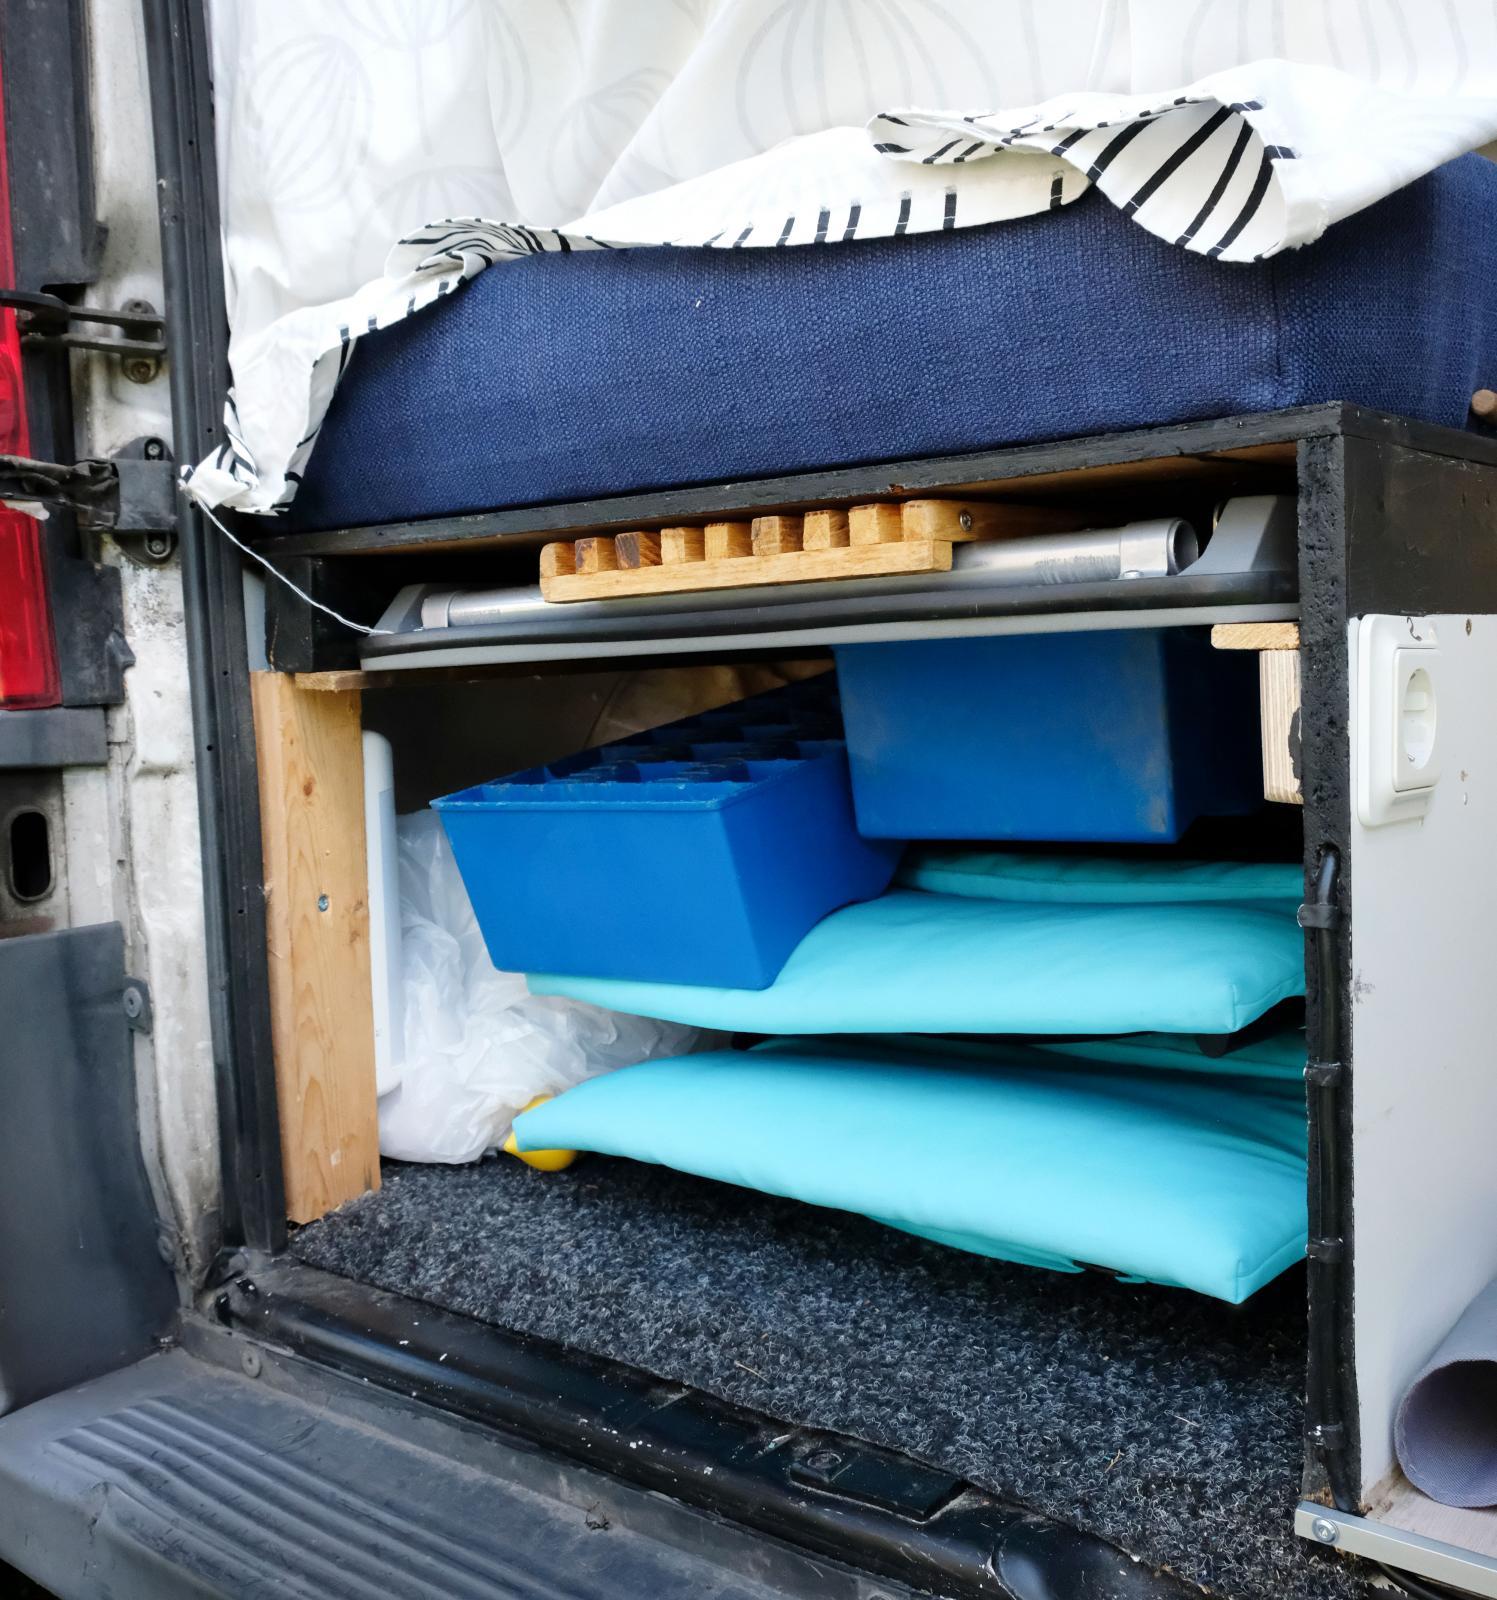 Under vänstra sängen ryms utebord, stolar och nivåklossar.